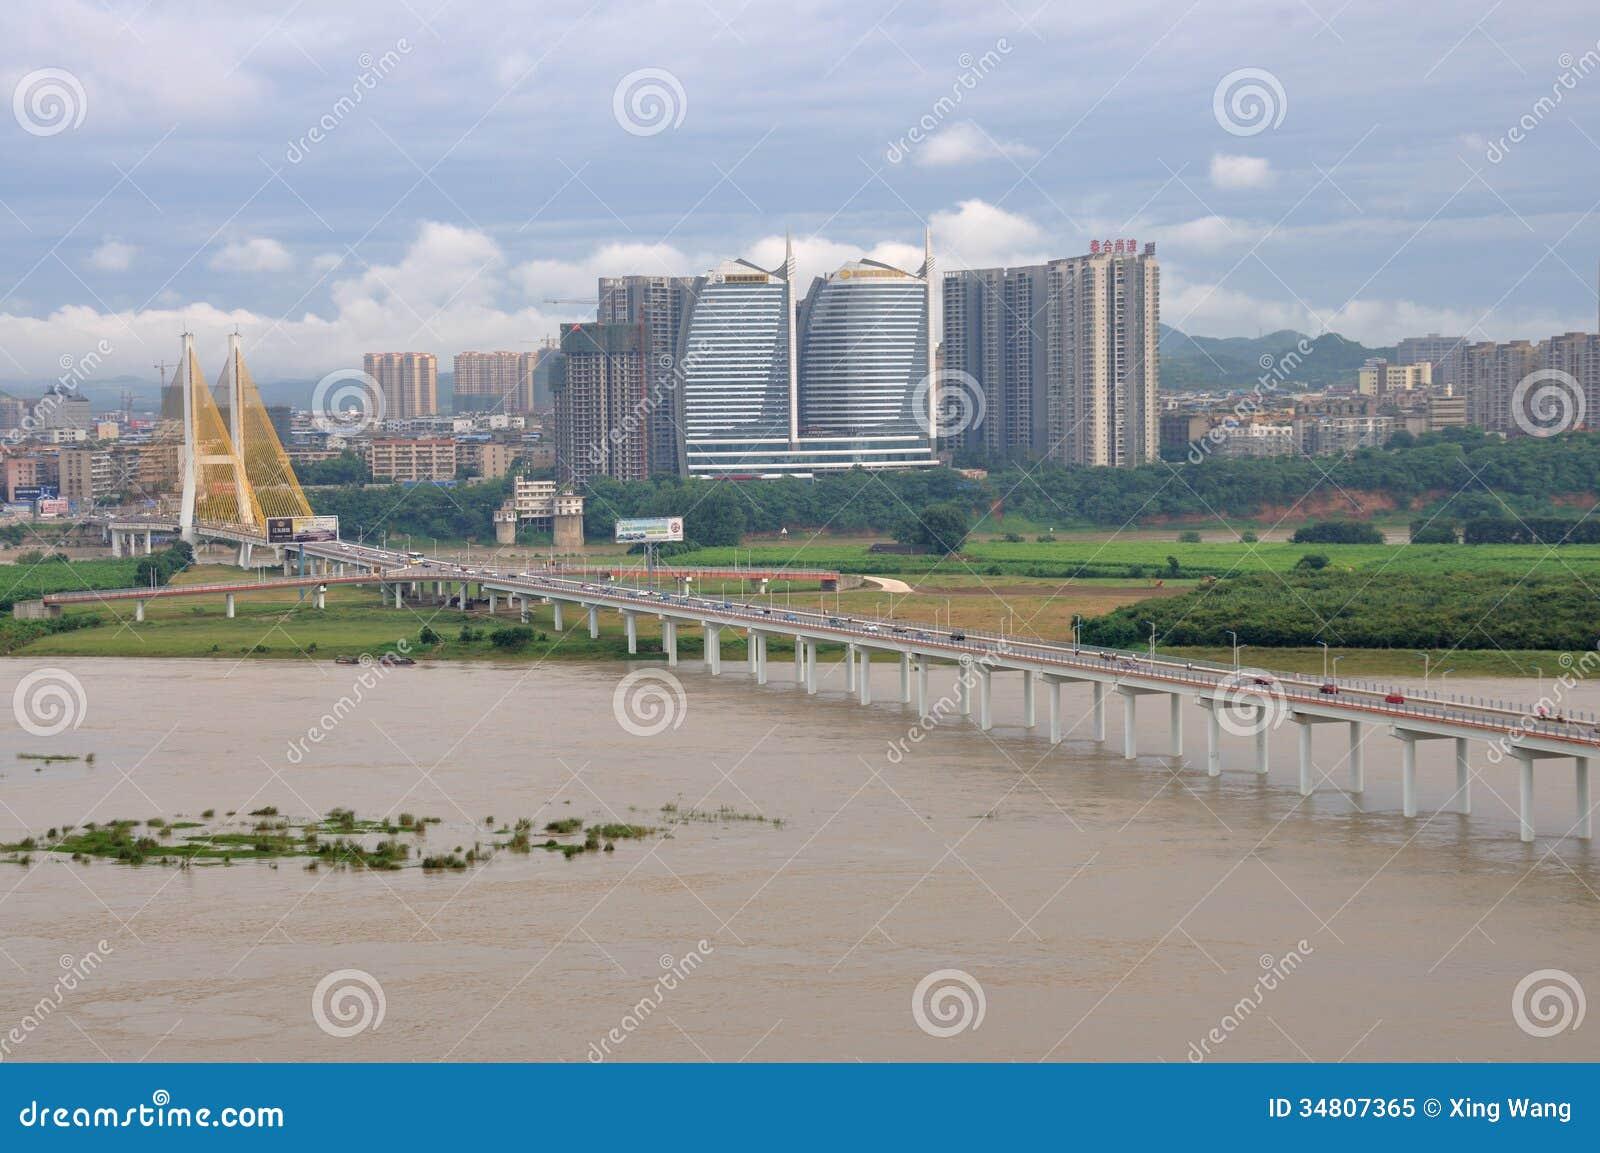 Nanchong china sichuan escorts